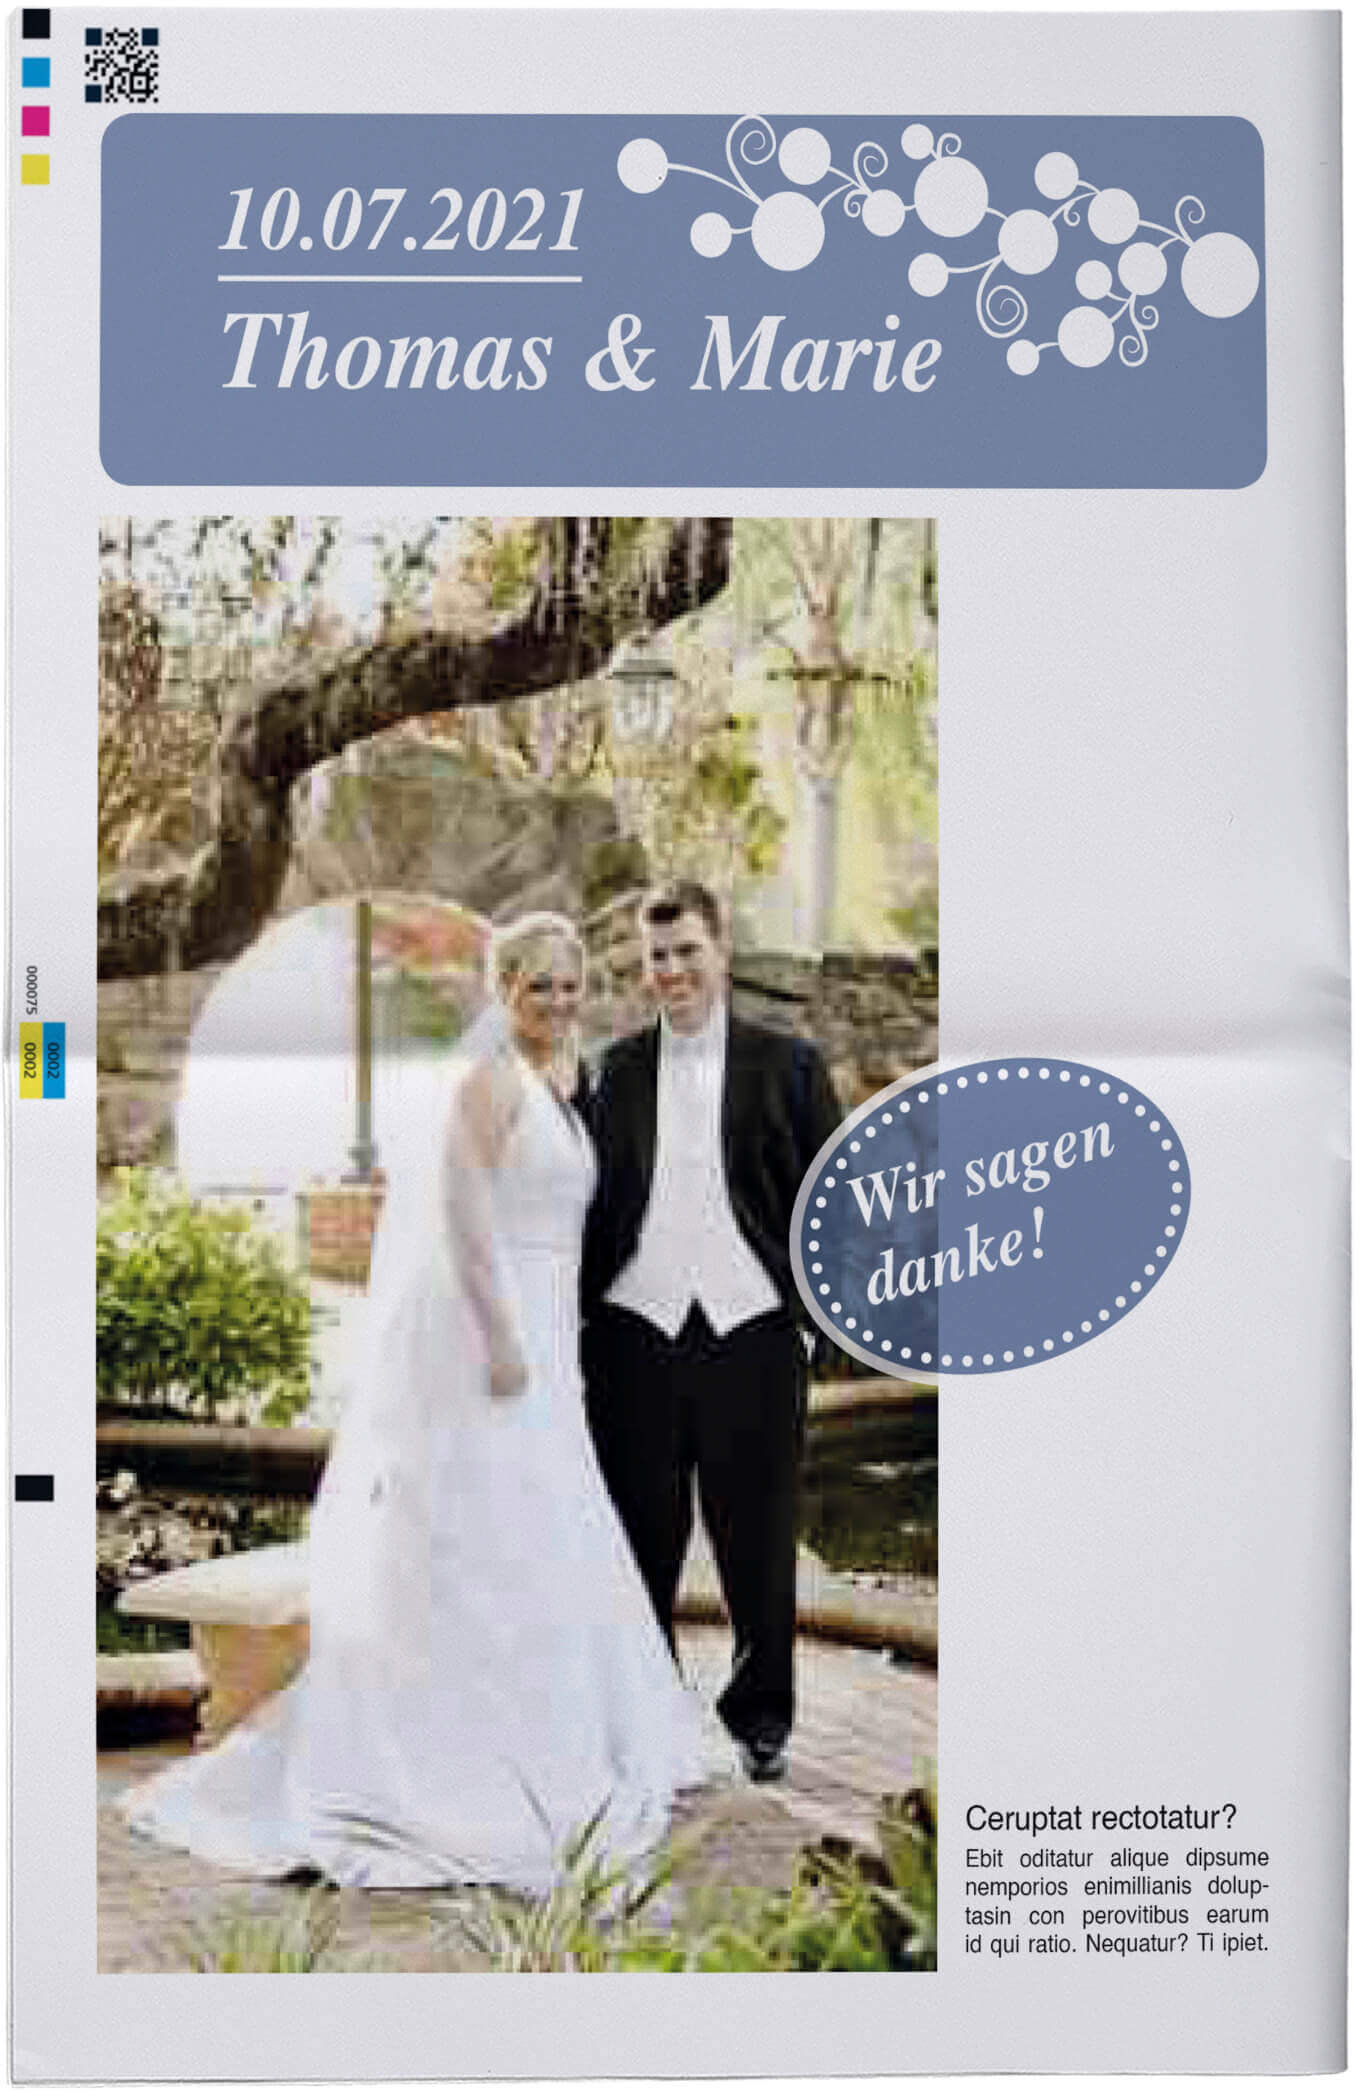 Titelblatt einer echten Hochzeitszeitung mit Designbeispielen